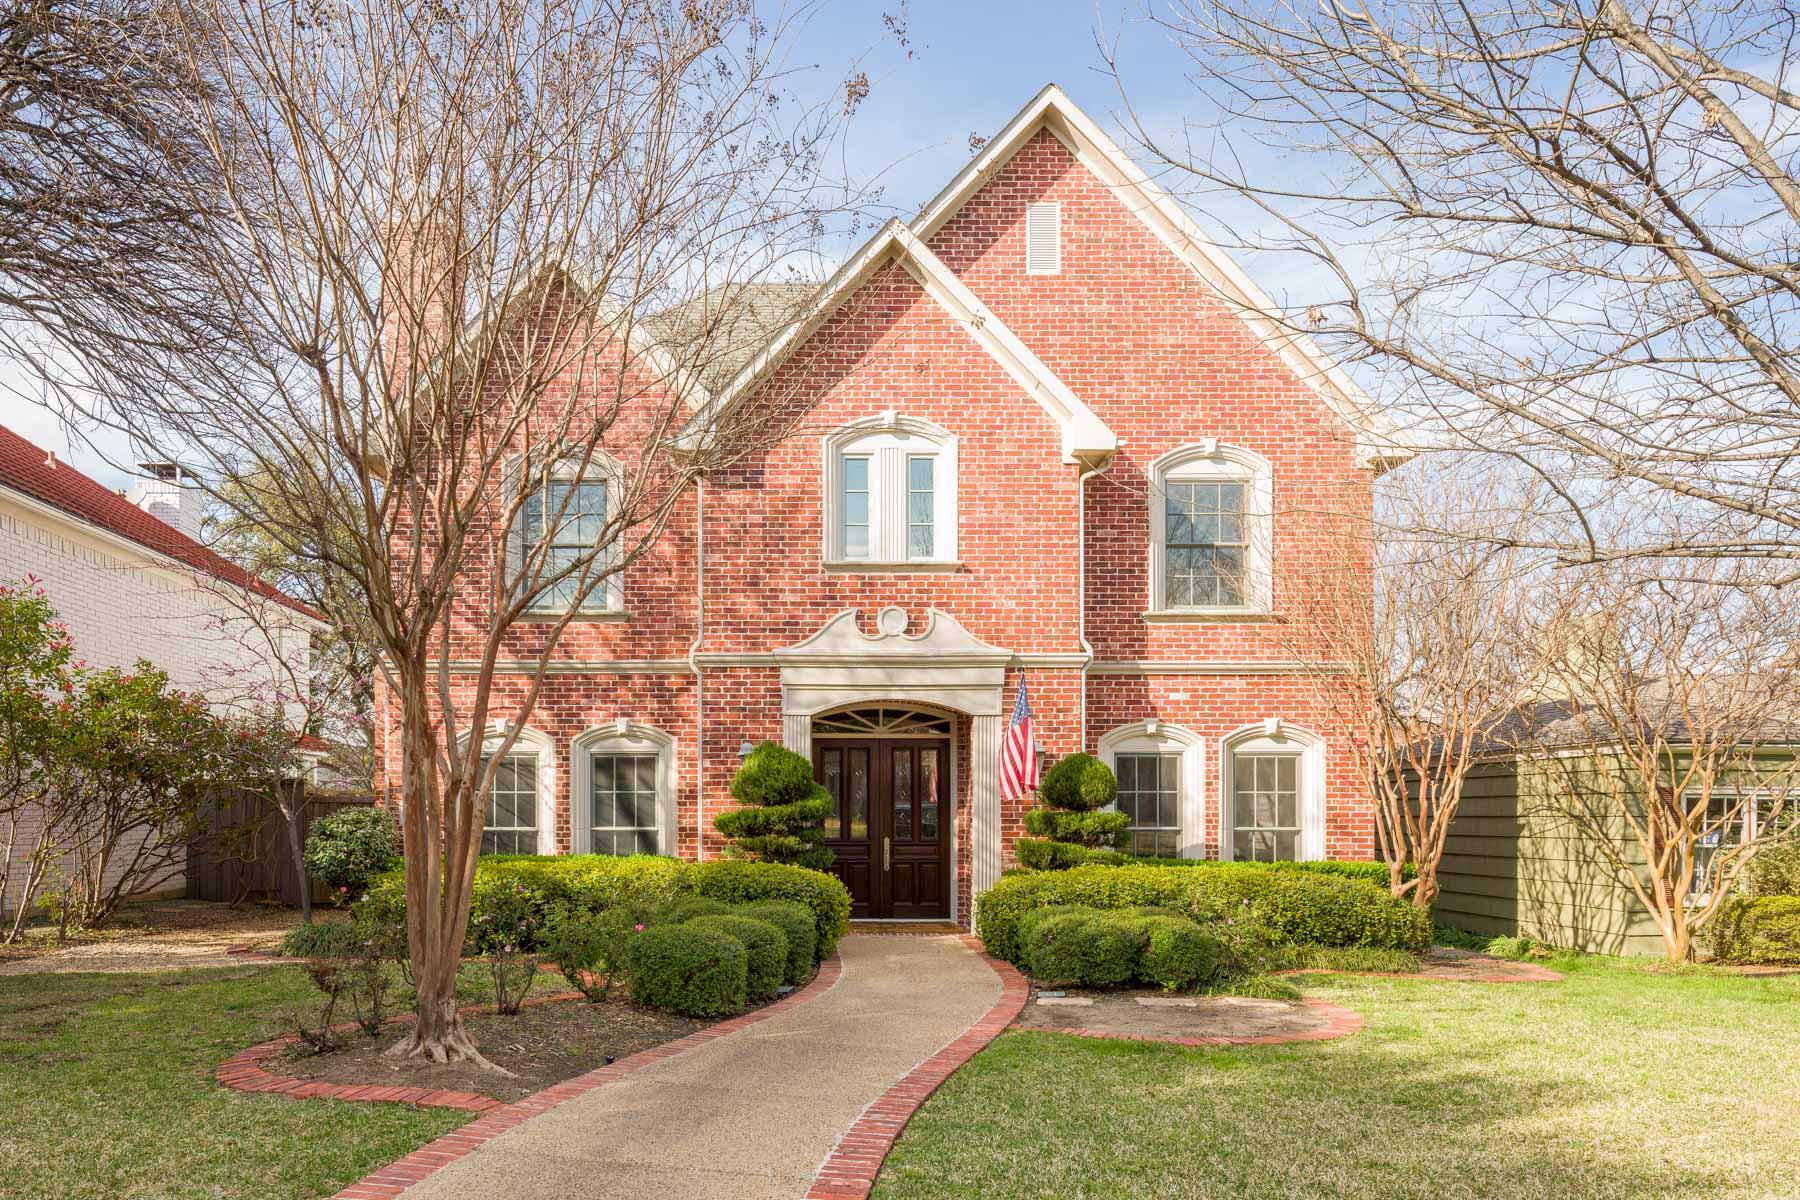 Maison unifamiliale pour l Vente à University Park Traditional 3020 Westminster Ave Dallas, Texas, 75205 États-Unis